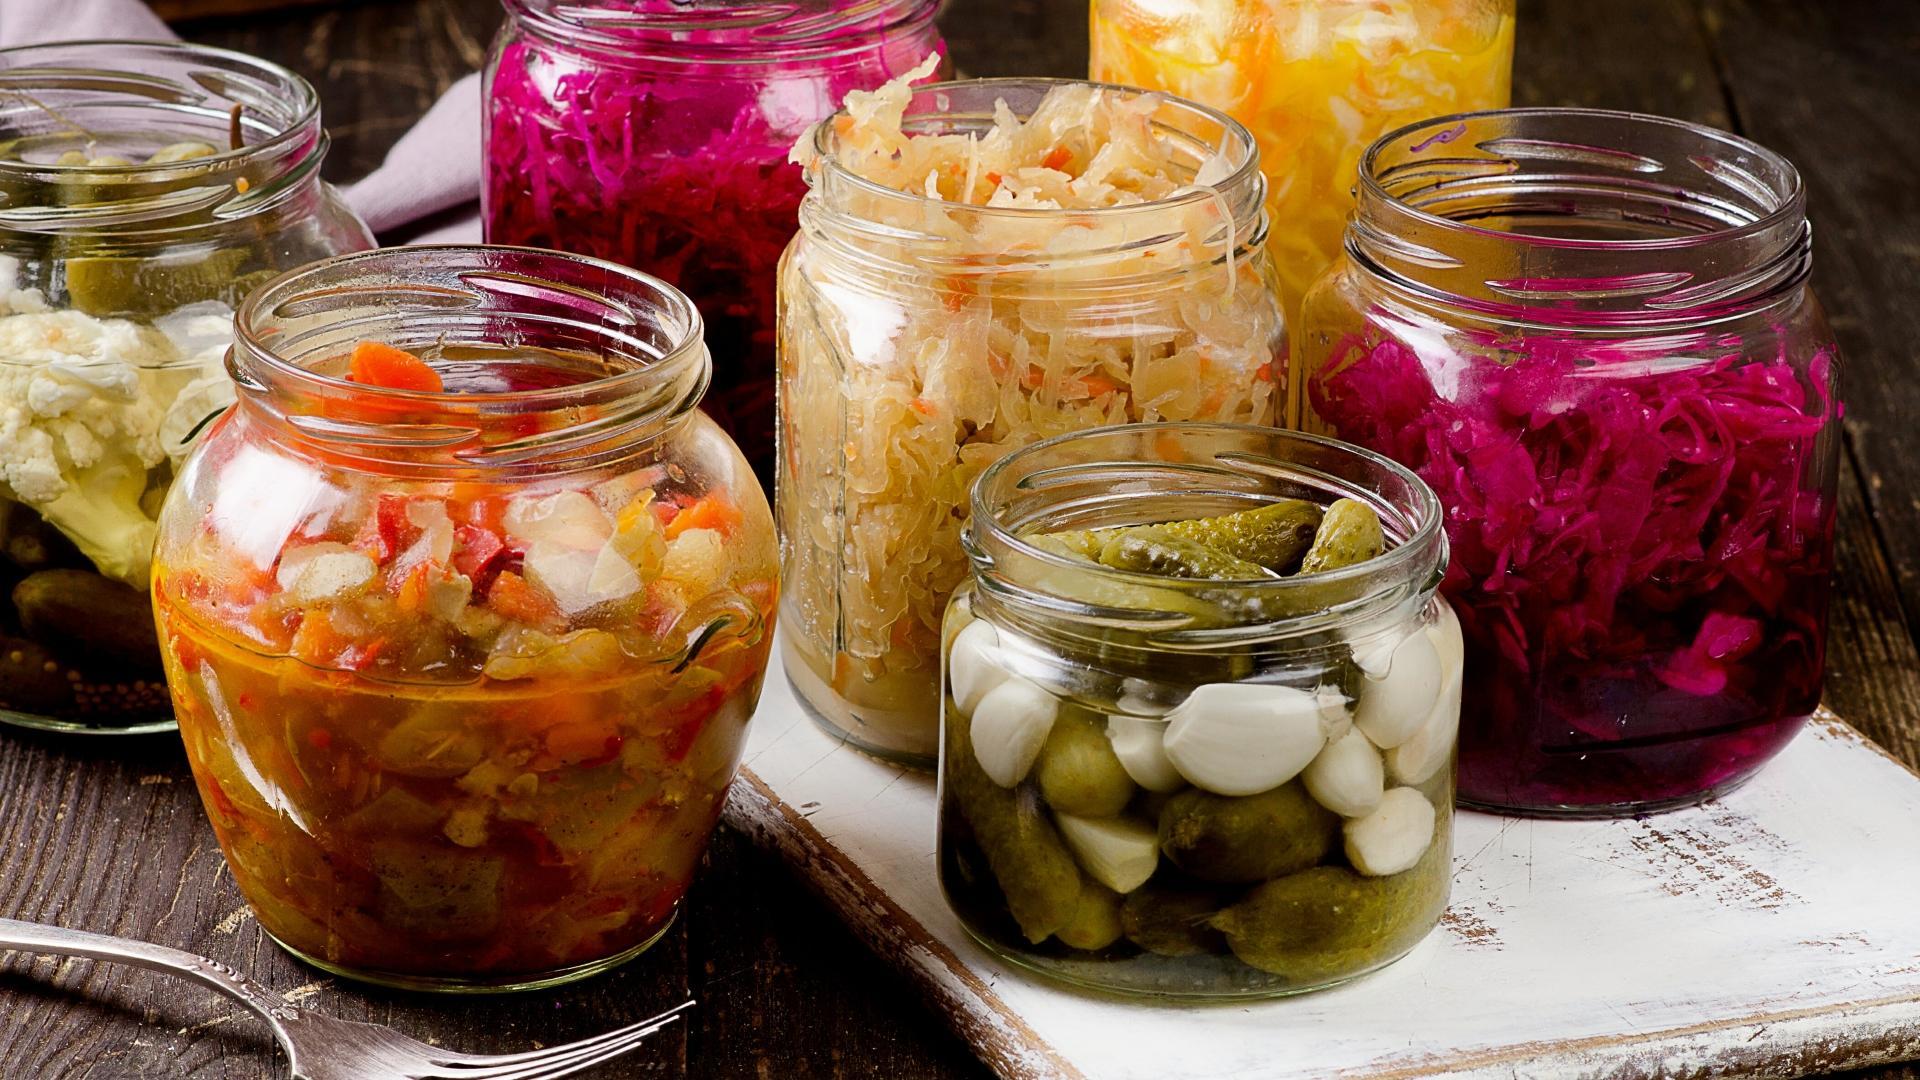 Ферментированные продукты: как «культивировать» свой путь к оптимальному здоровью